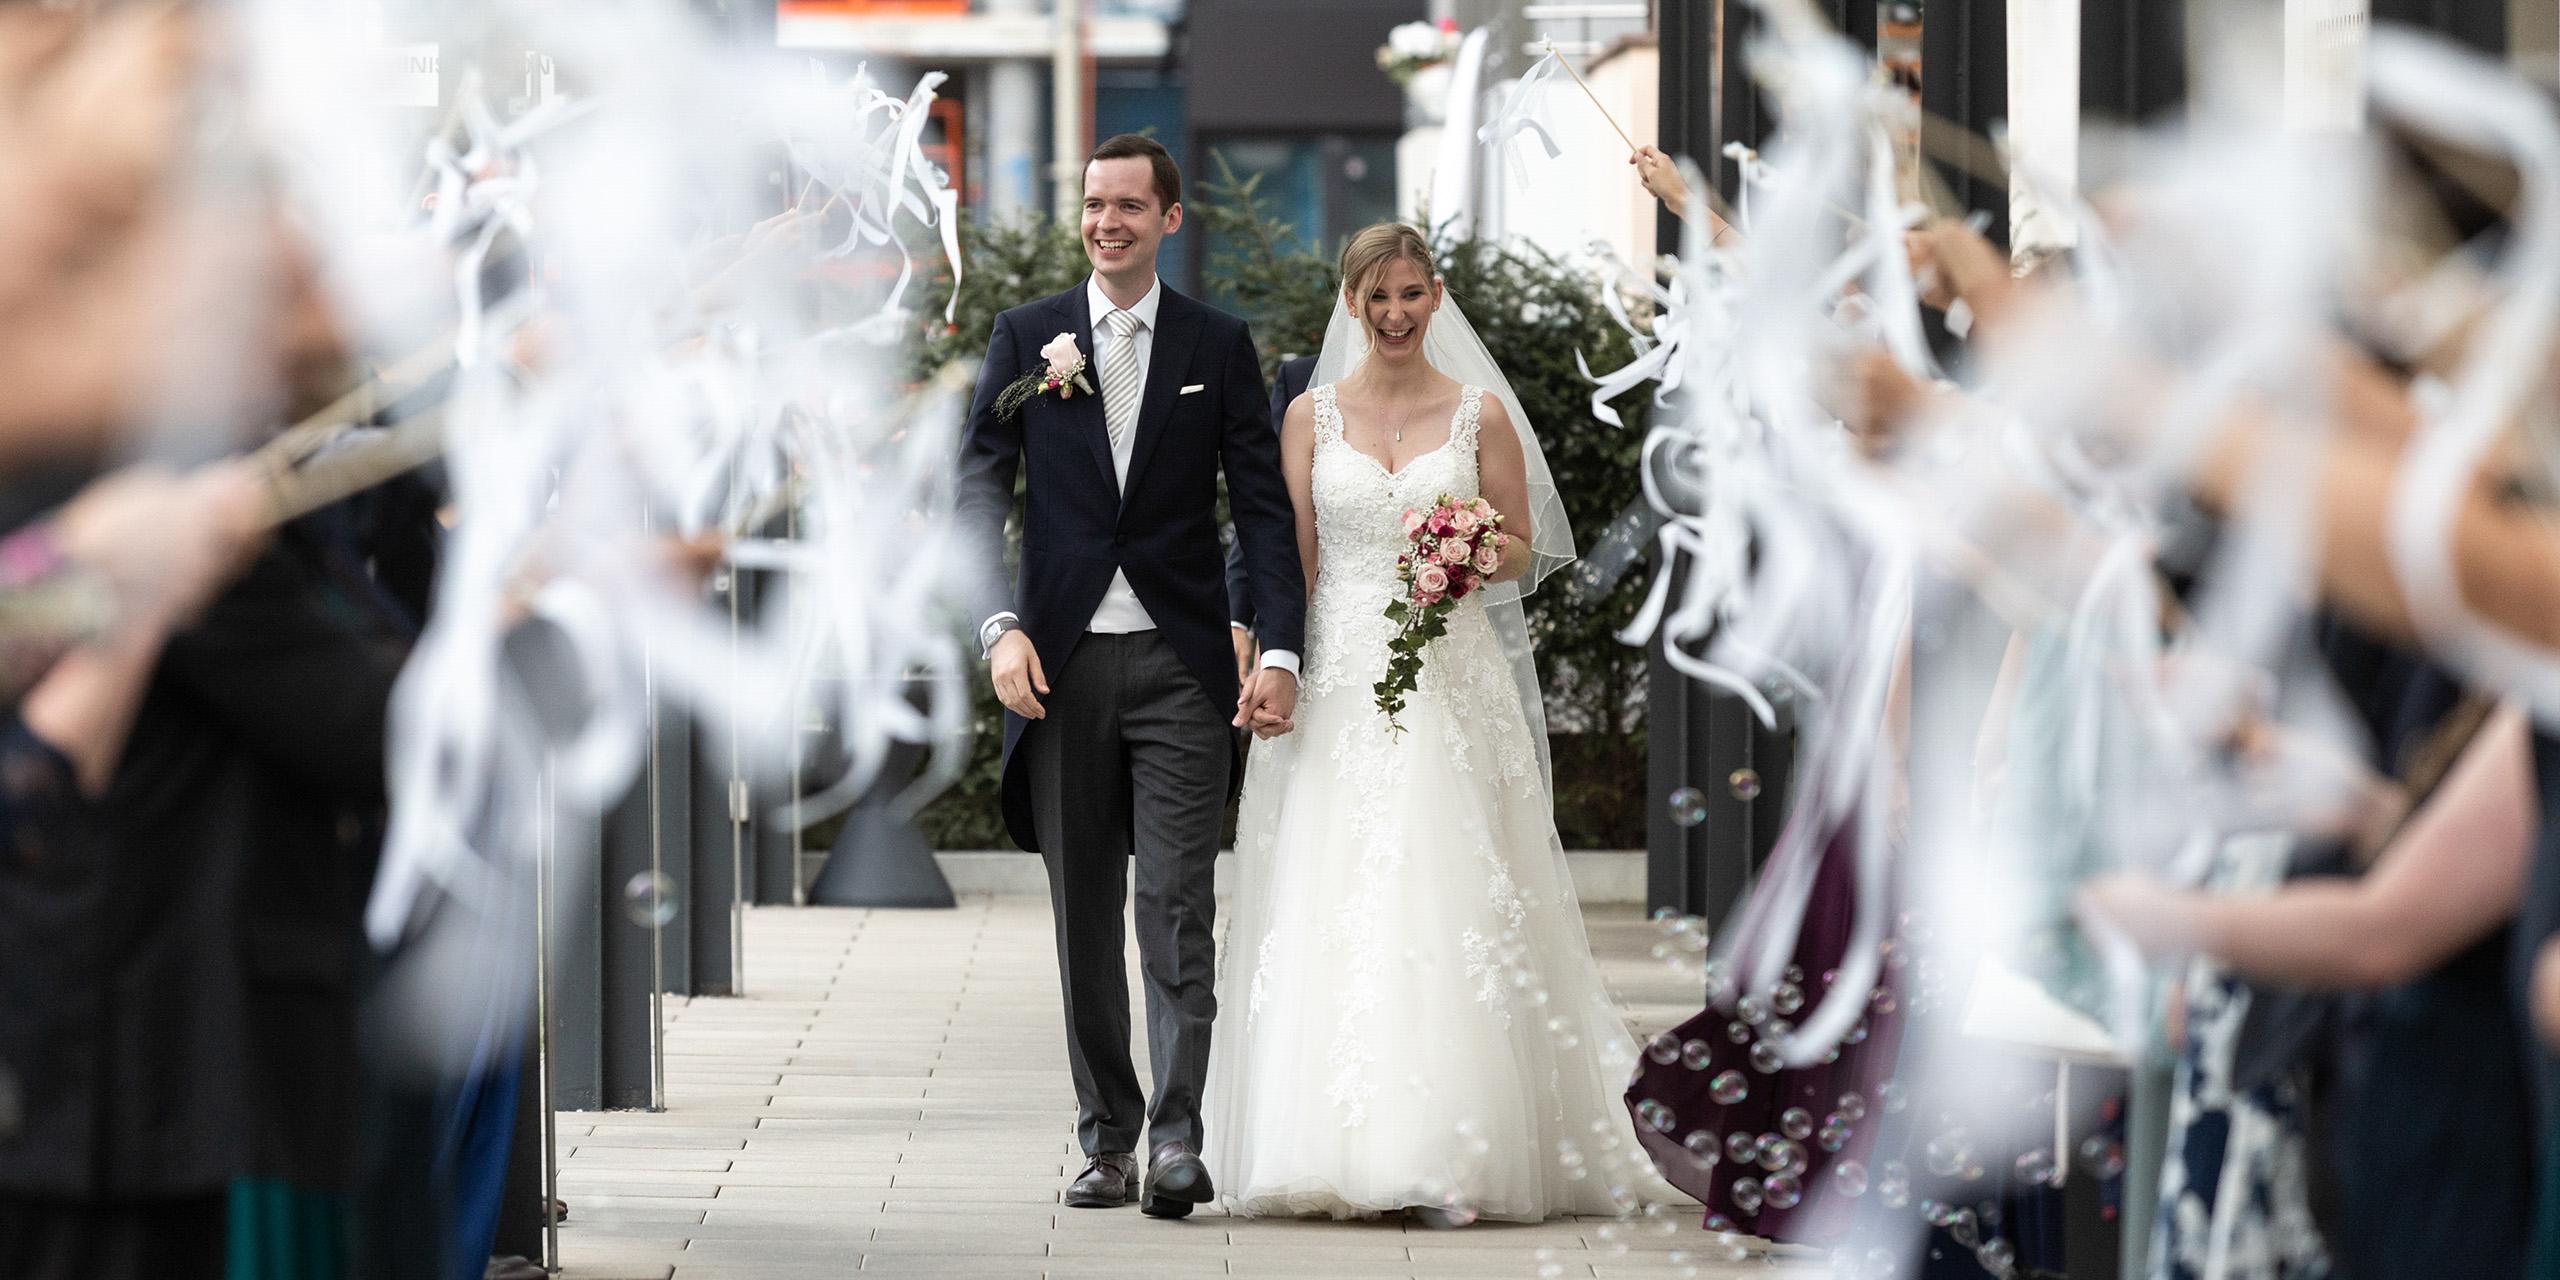 Hochzeit-Hochzeitsfotograf-Basel-Schweiz-Pullman - Auszug des Brautpaares inmitten von Seifenblasen